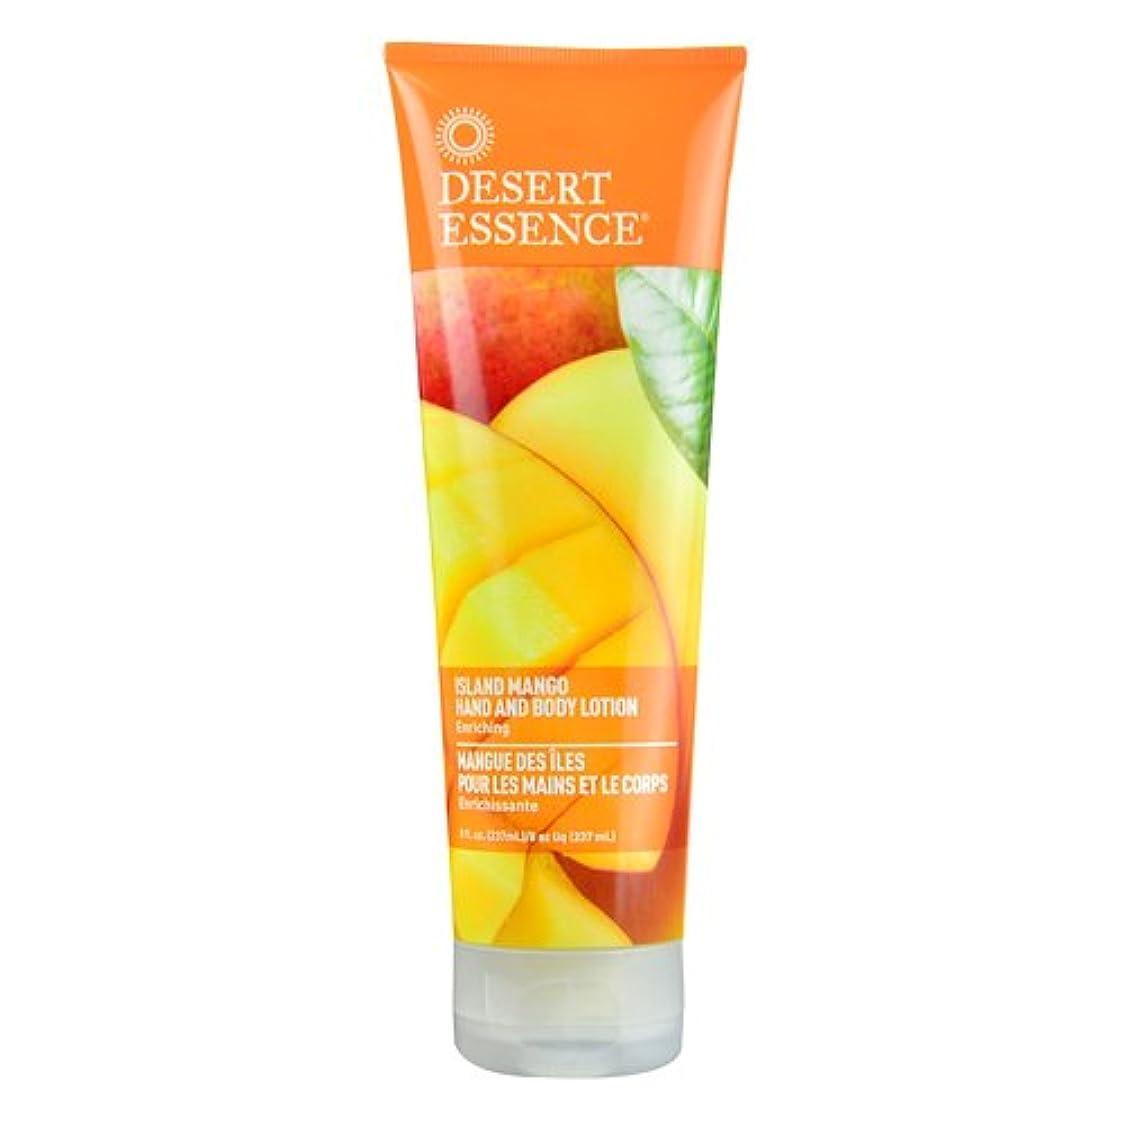 農村環境保護主義者いまDesert Essence, Hand and Body Lotion, Island Mango, 8 fl oz (237 ml)